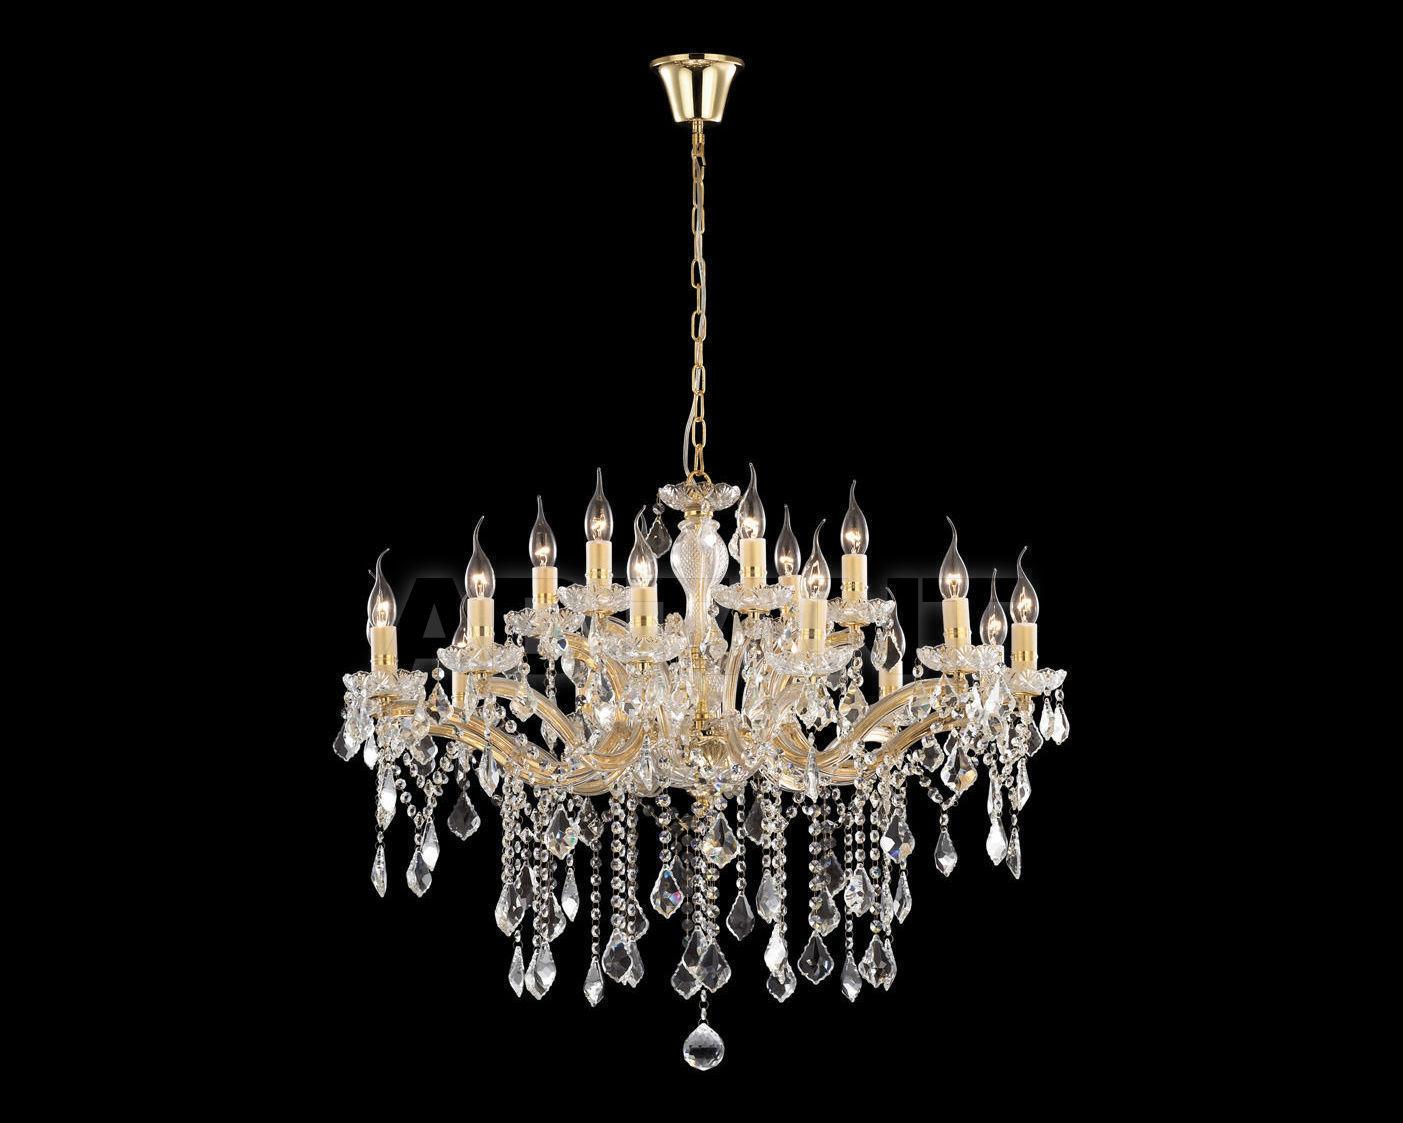 Купить Люстра Ideal Lux 2013-2014 FLORIAN SP18 ORO